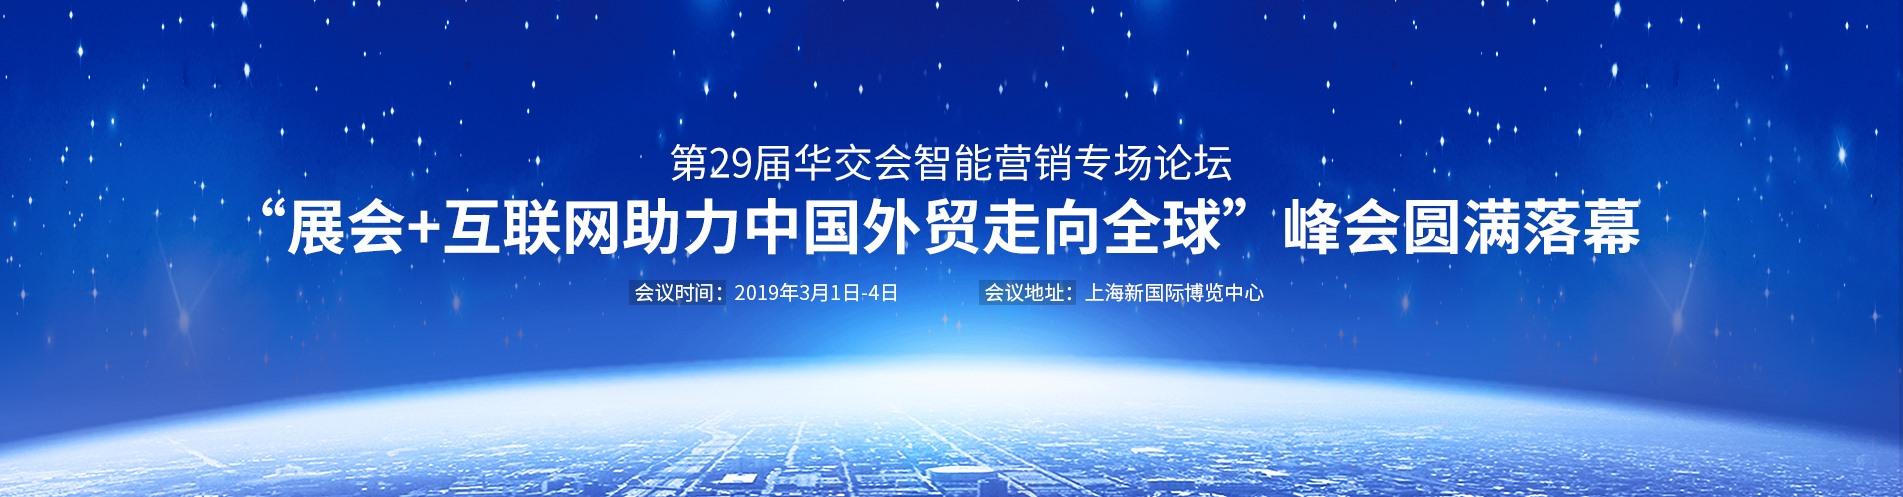 """""""展会+互联网助力中国外贸走向全球""""峰会圆满落幕"""